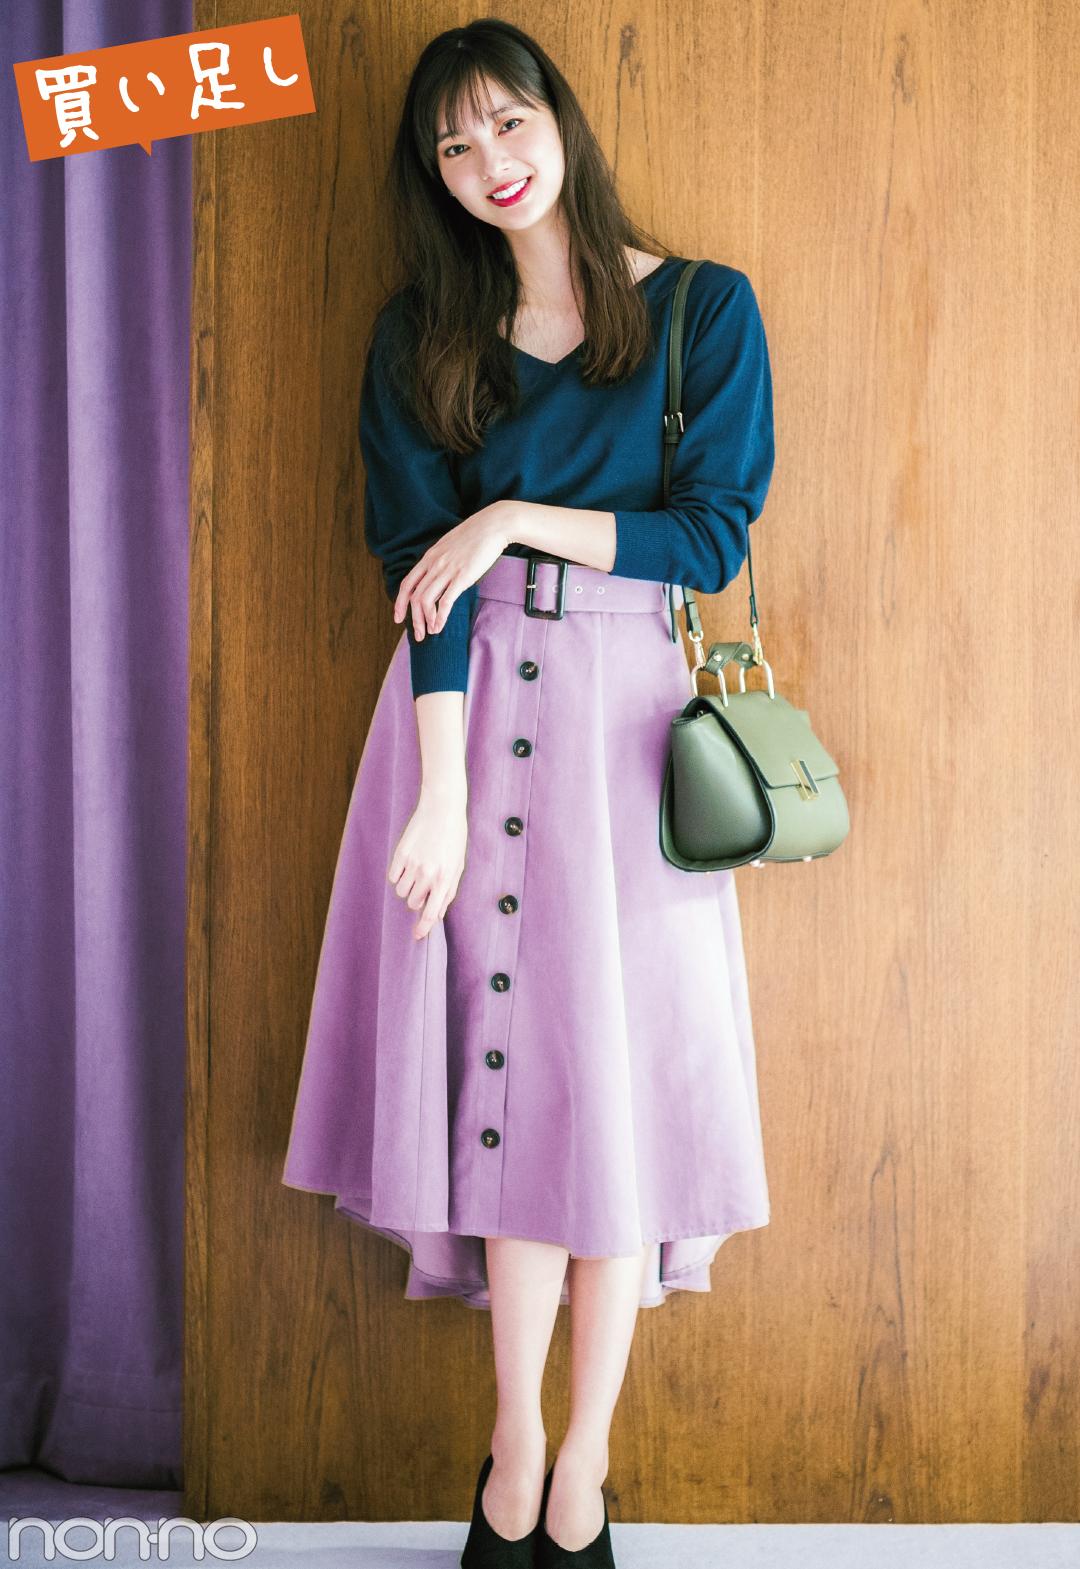 秋イチに買ったスカート、11月に何を買い足したら冬も着られる?【冬コーデ】_1_2-1